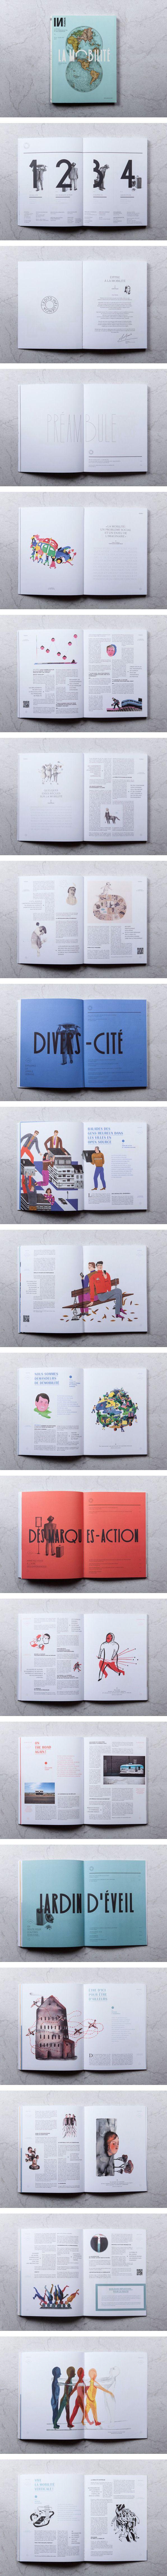 Influencia n°3. by Violaine & Jeremy